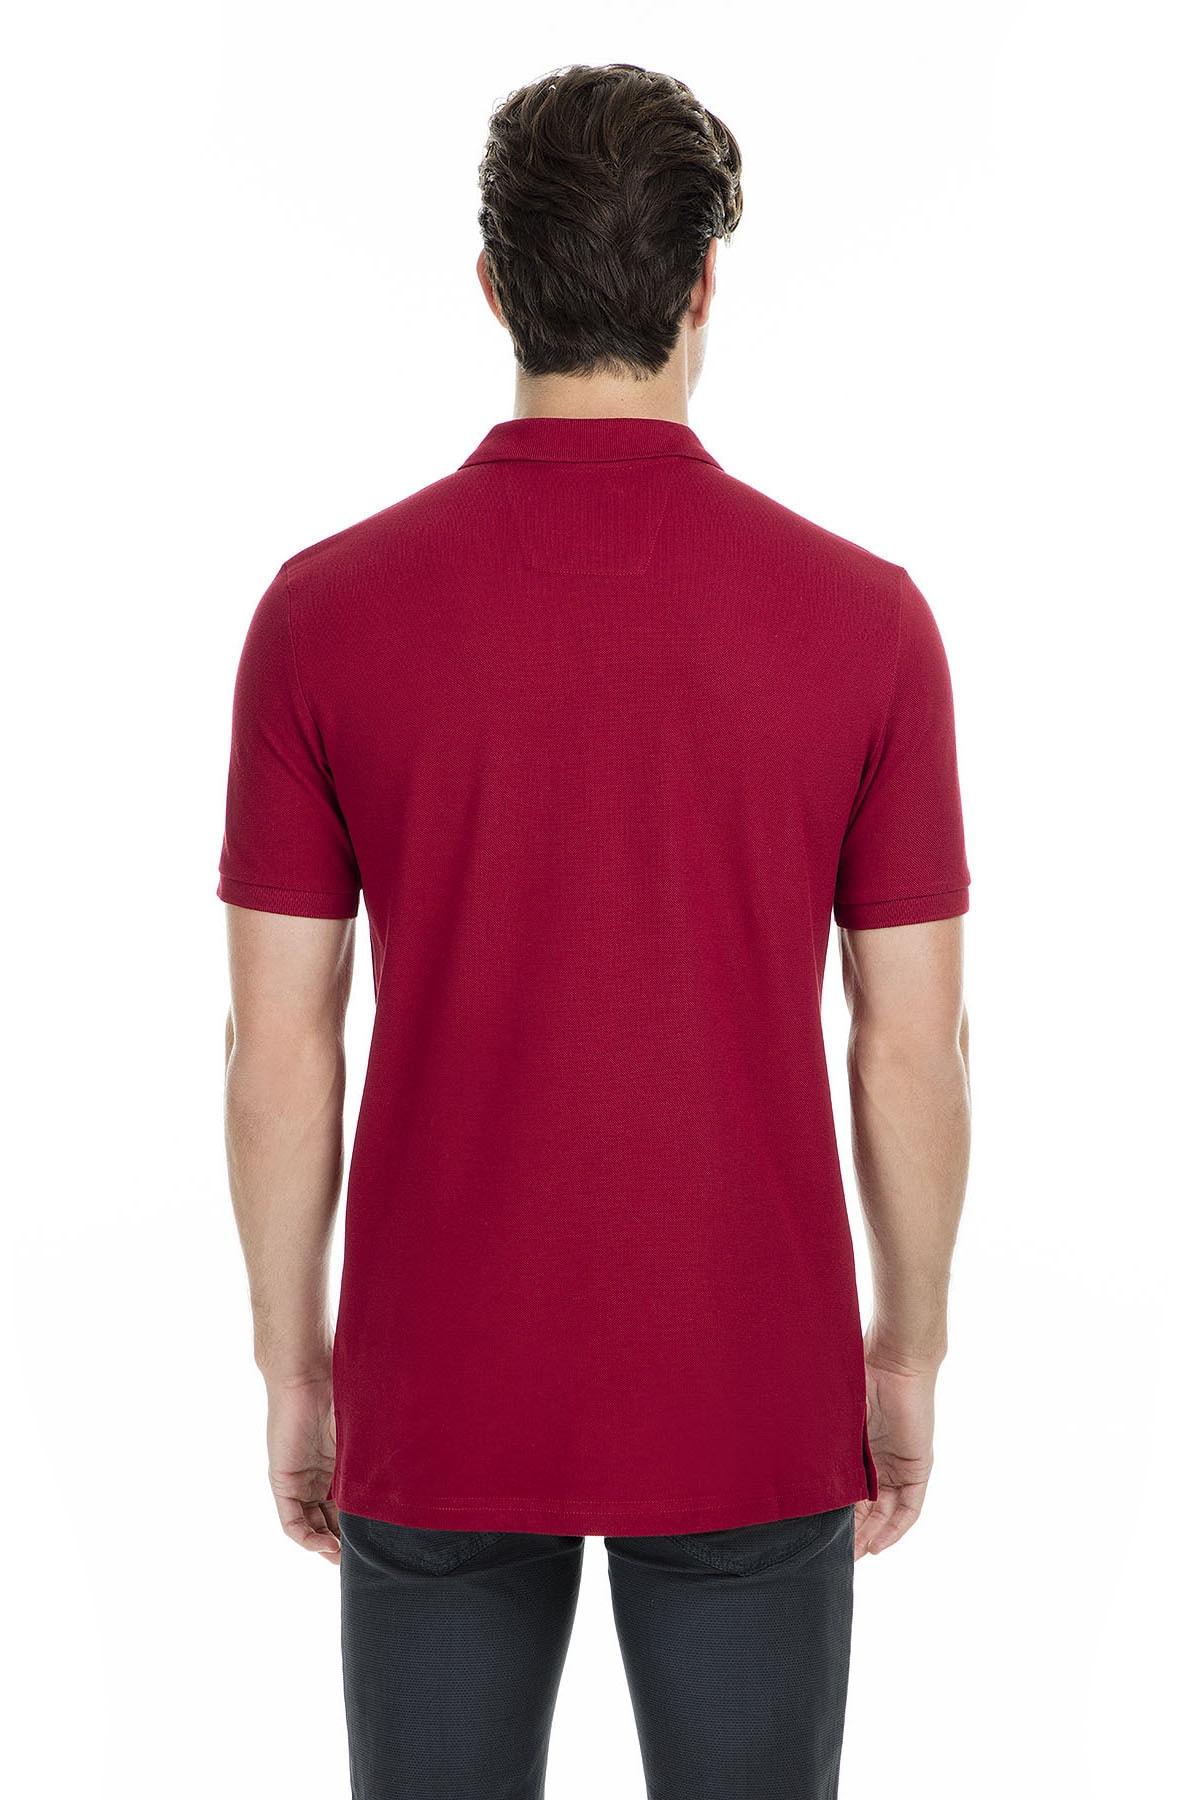 Sabri Özel Erkek Bordo Polo Yaka T-Shirt - T446688 1